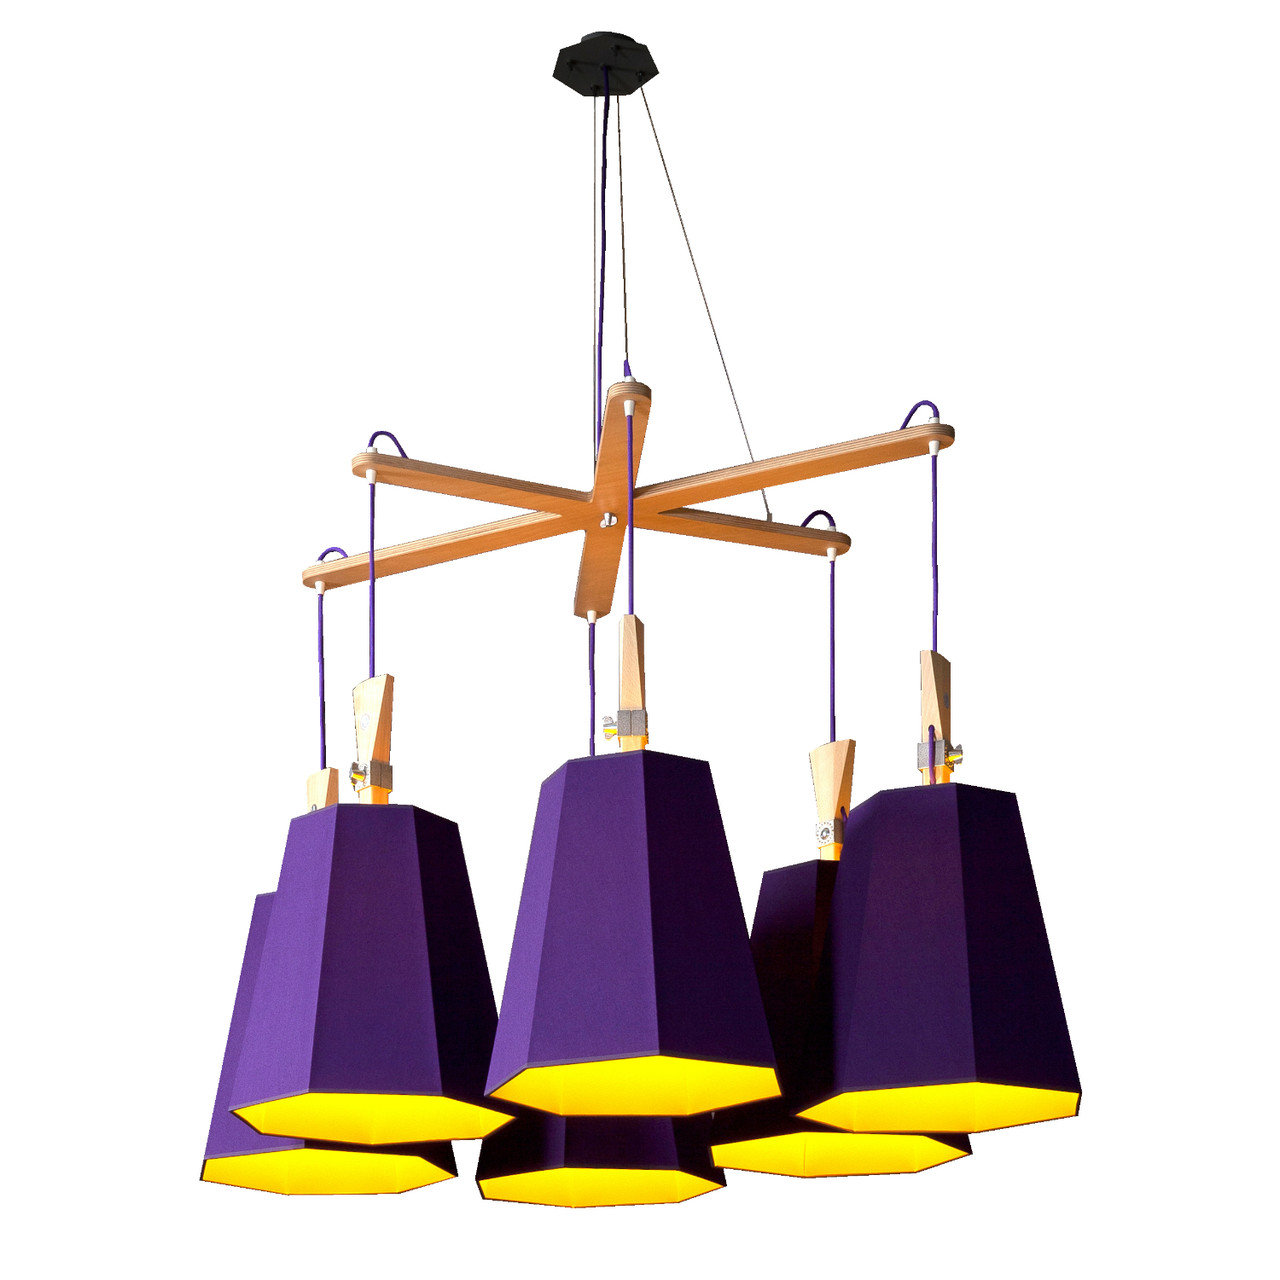 lustre et plafonnier Luxiole violet/jaune